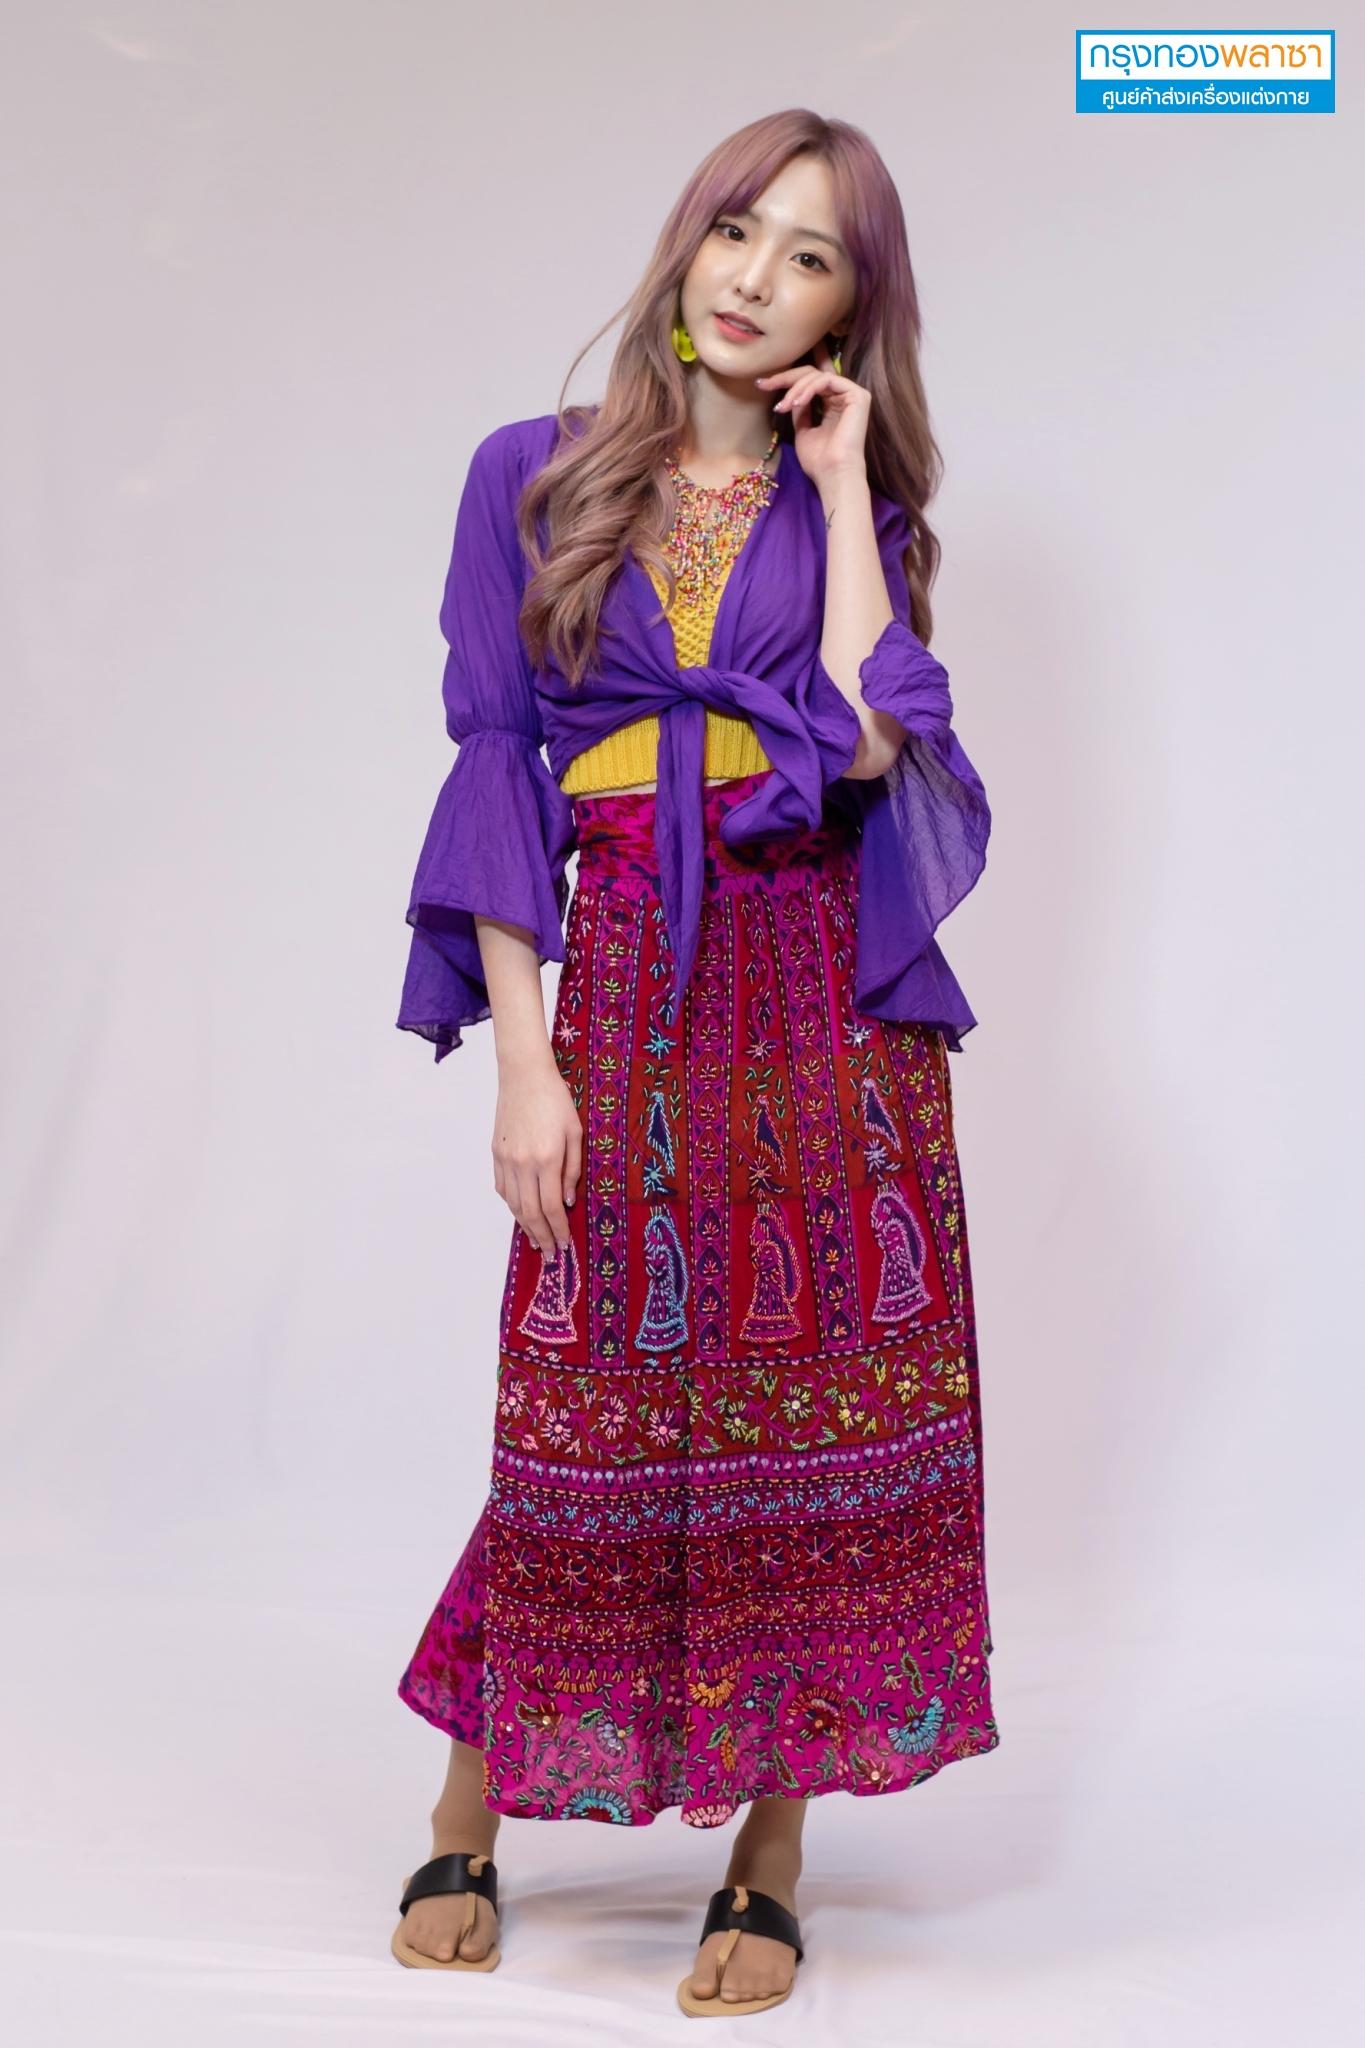 nene dress_๑๙๐๓๑๓_0012